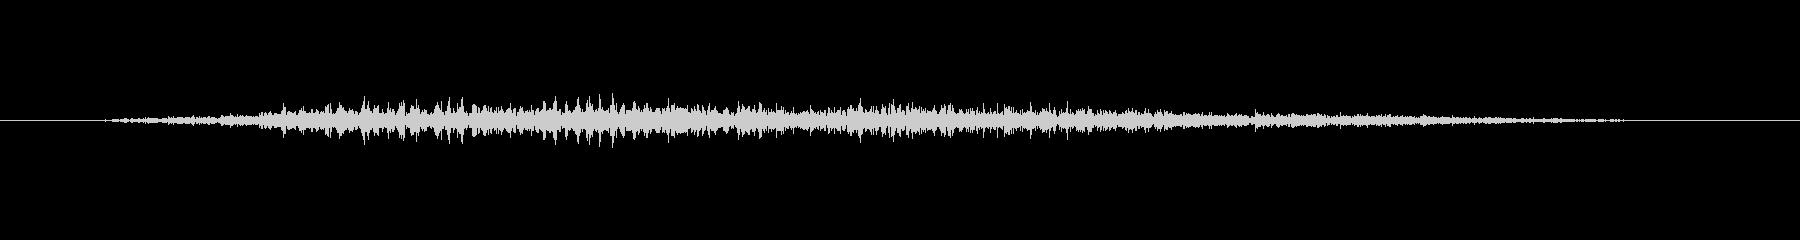 ゾンビ うめき声アイドルスロート11の未再生の波形